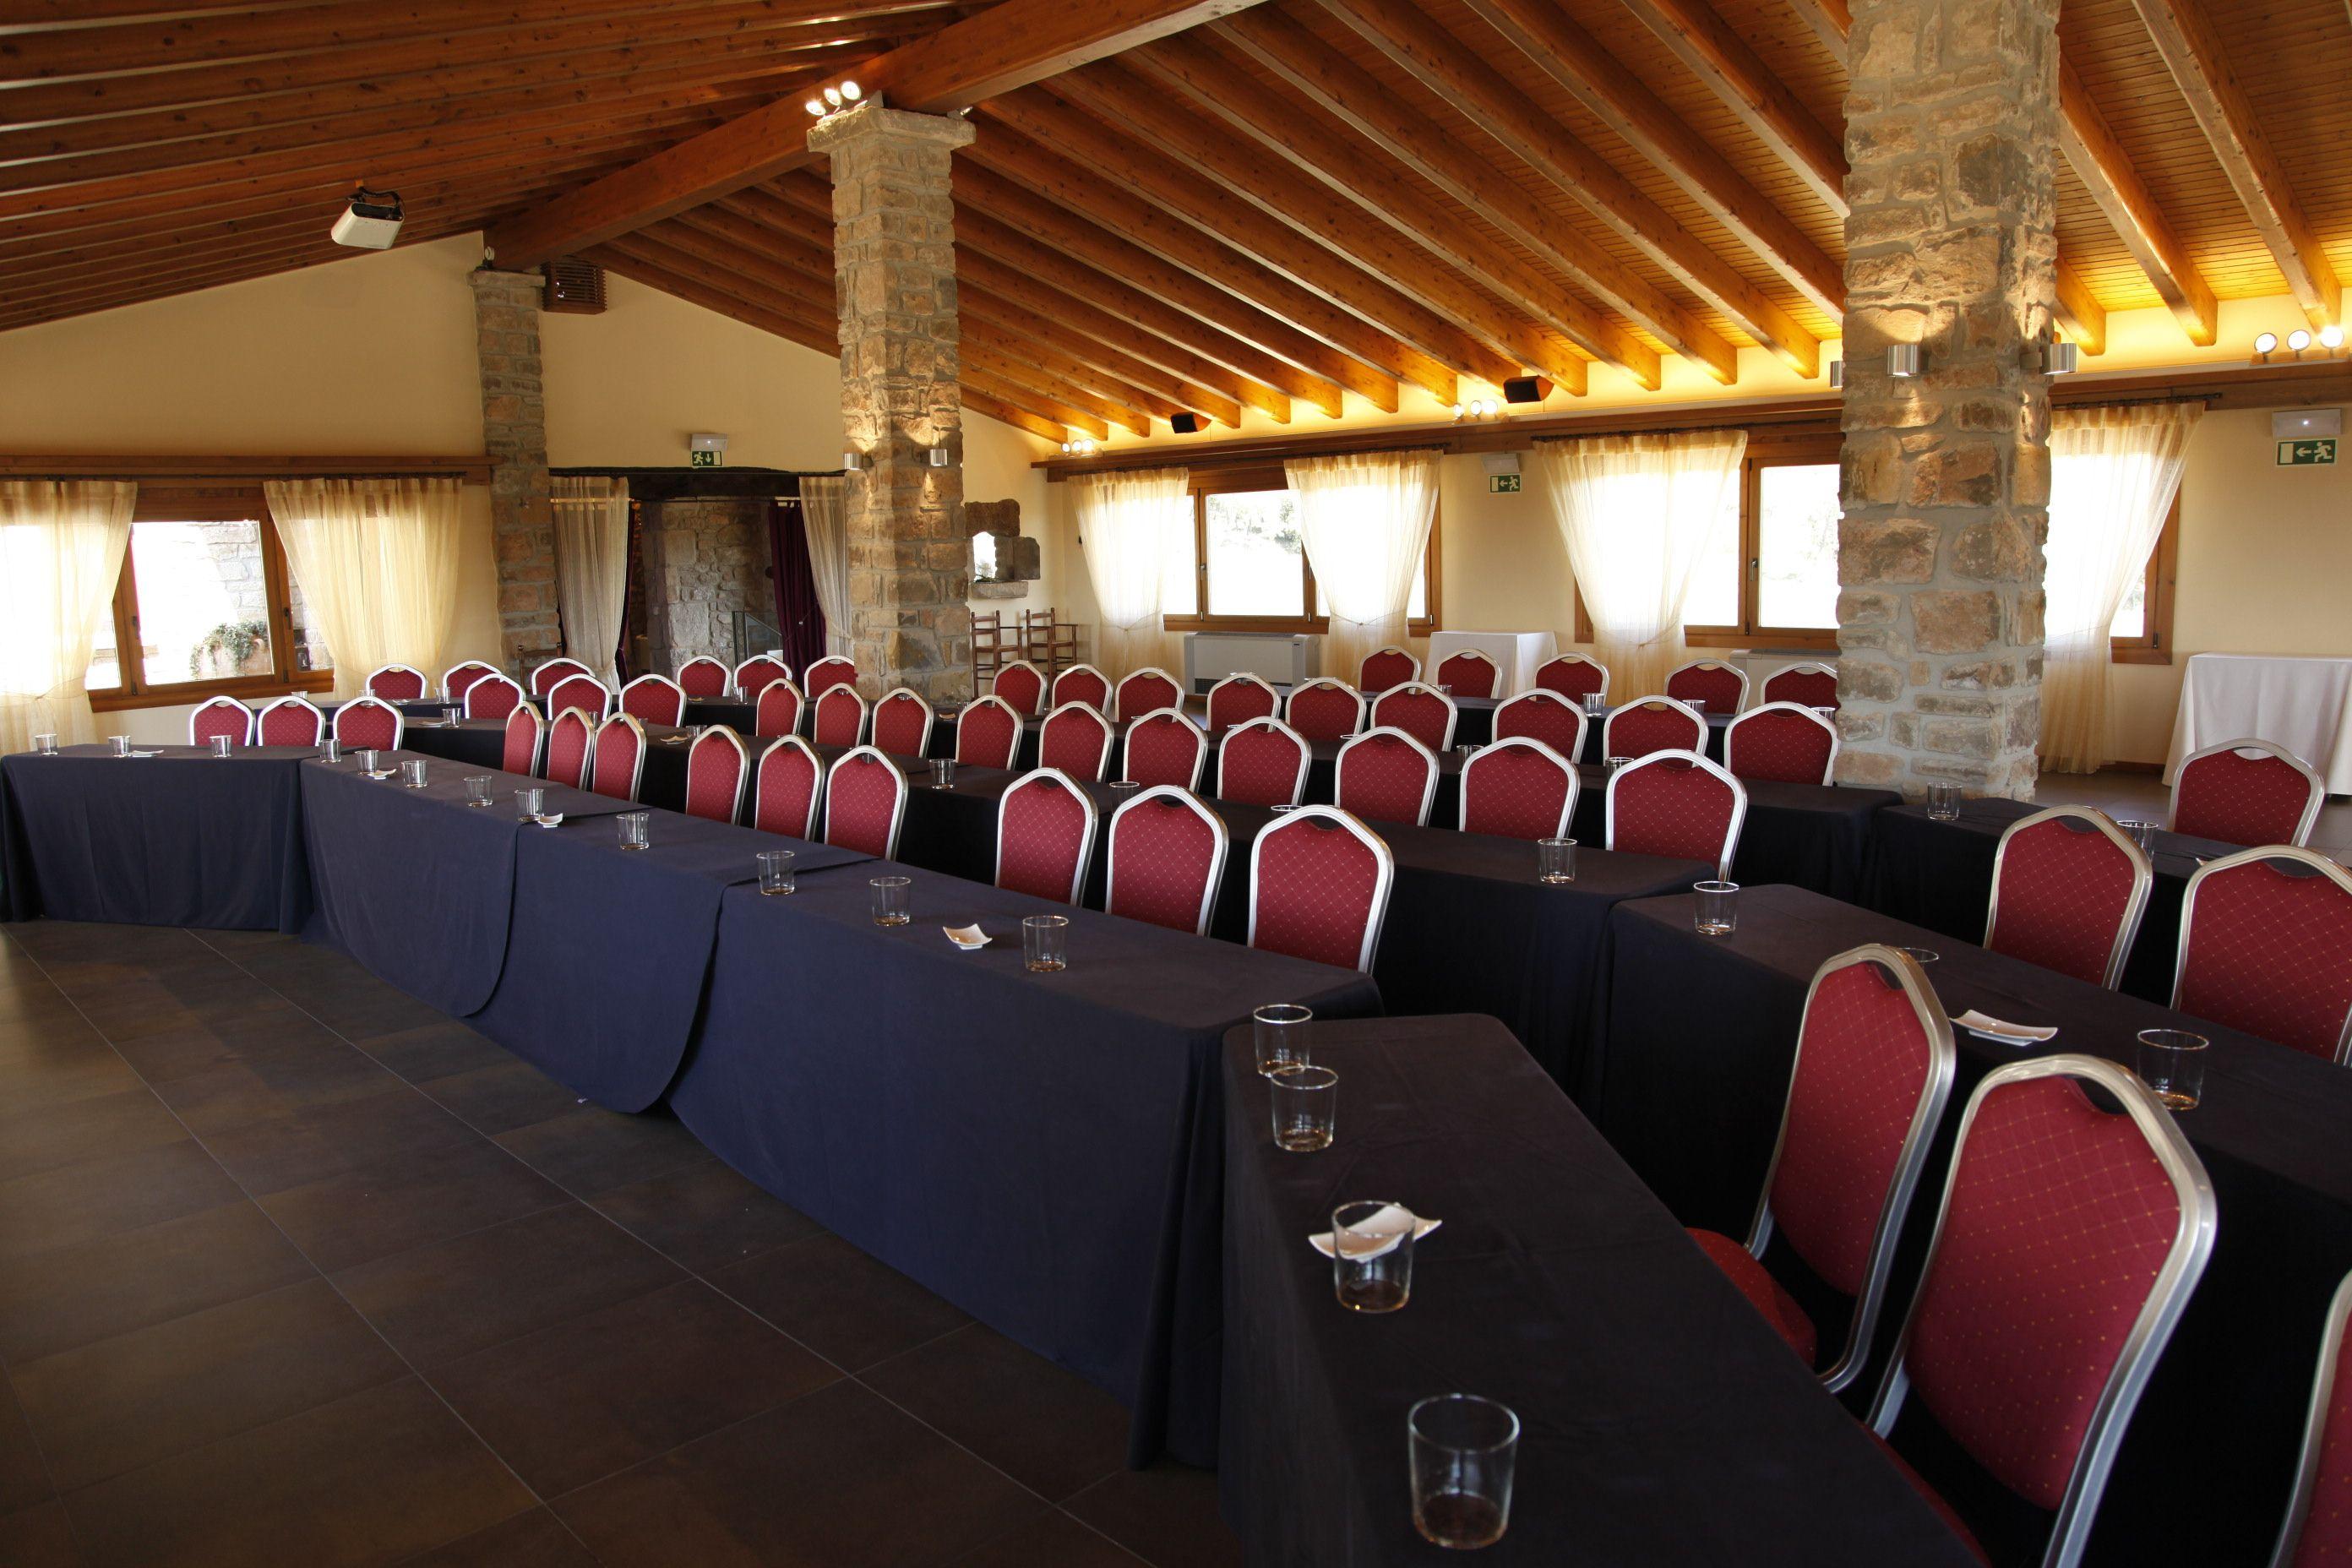 Esdeveniments per a empreses: La Masia de Masia Vilasendra